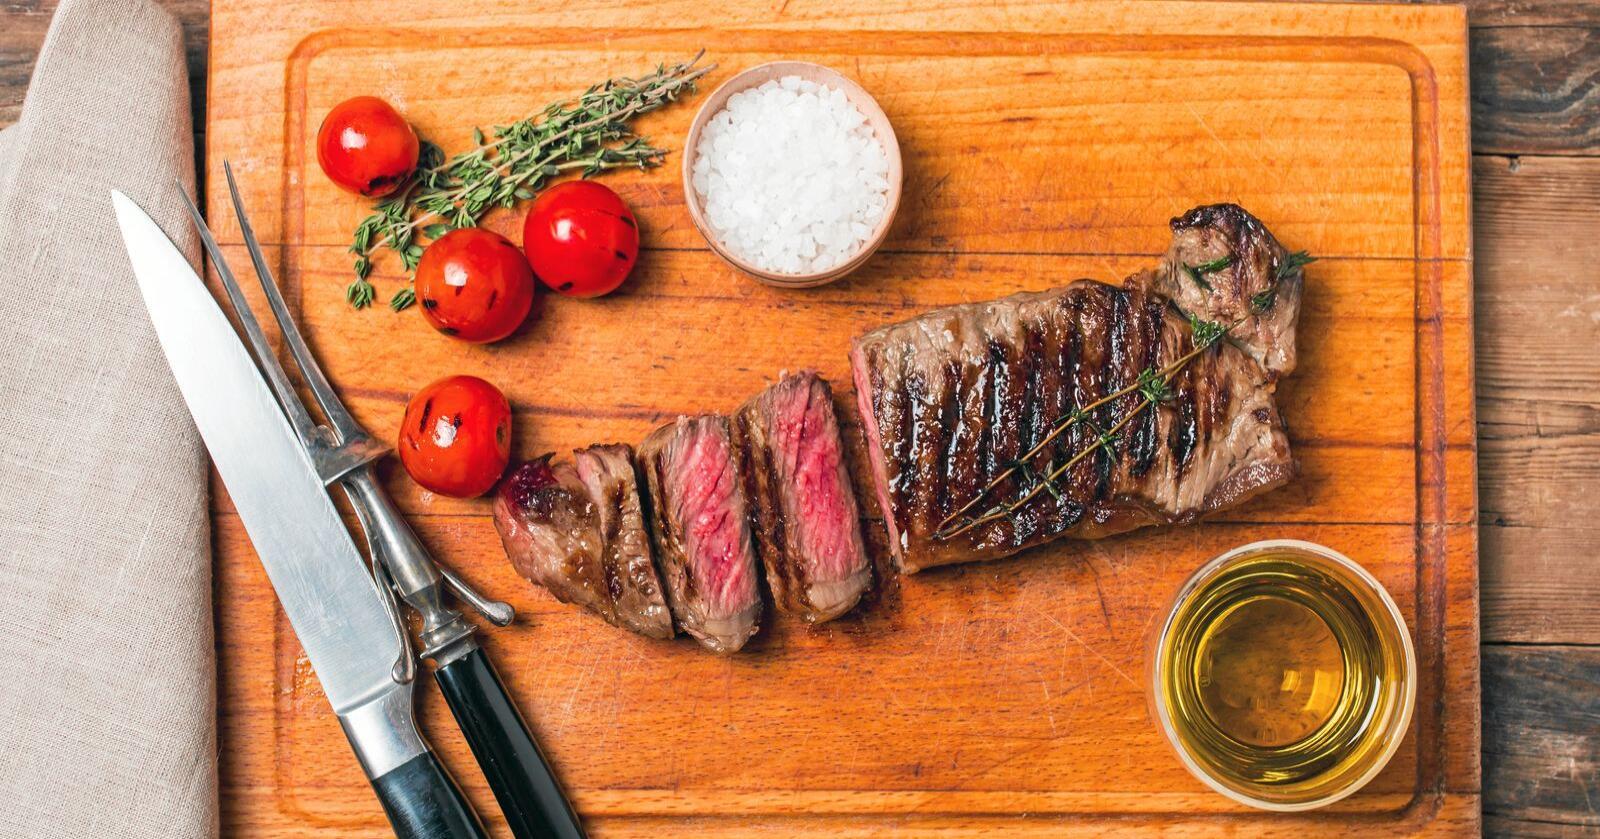 Klimakur-rapporten listet opp kjøttkutt som et effektivt klimatiltak, men møter motstand fra flere. Foto: Mostphotos